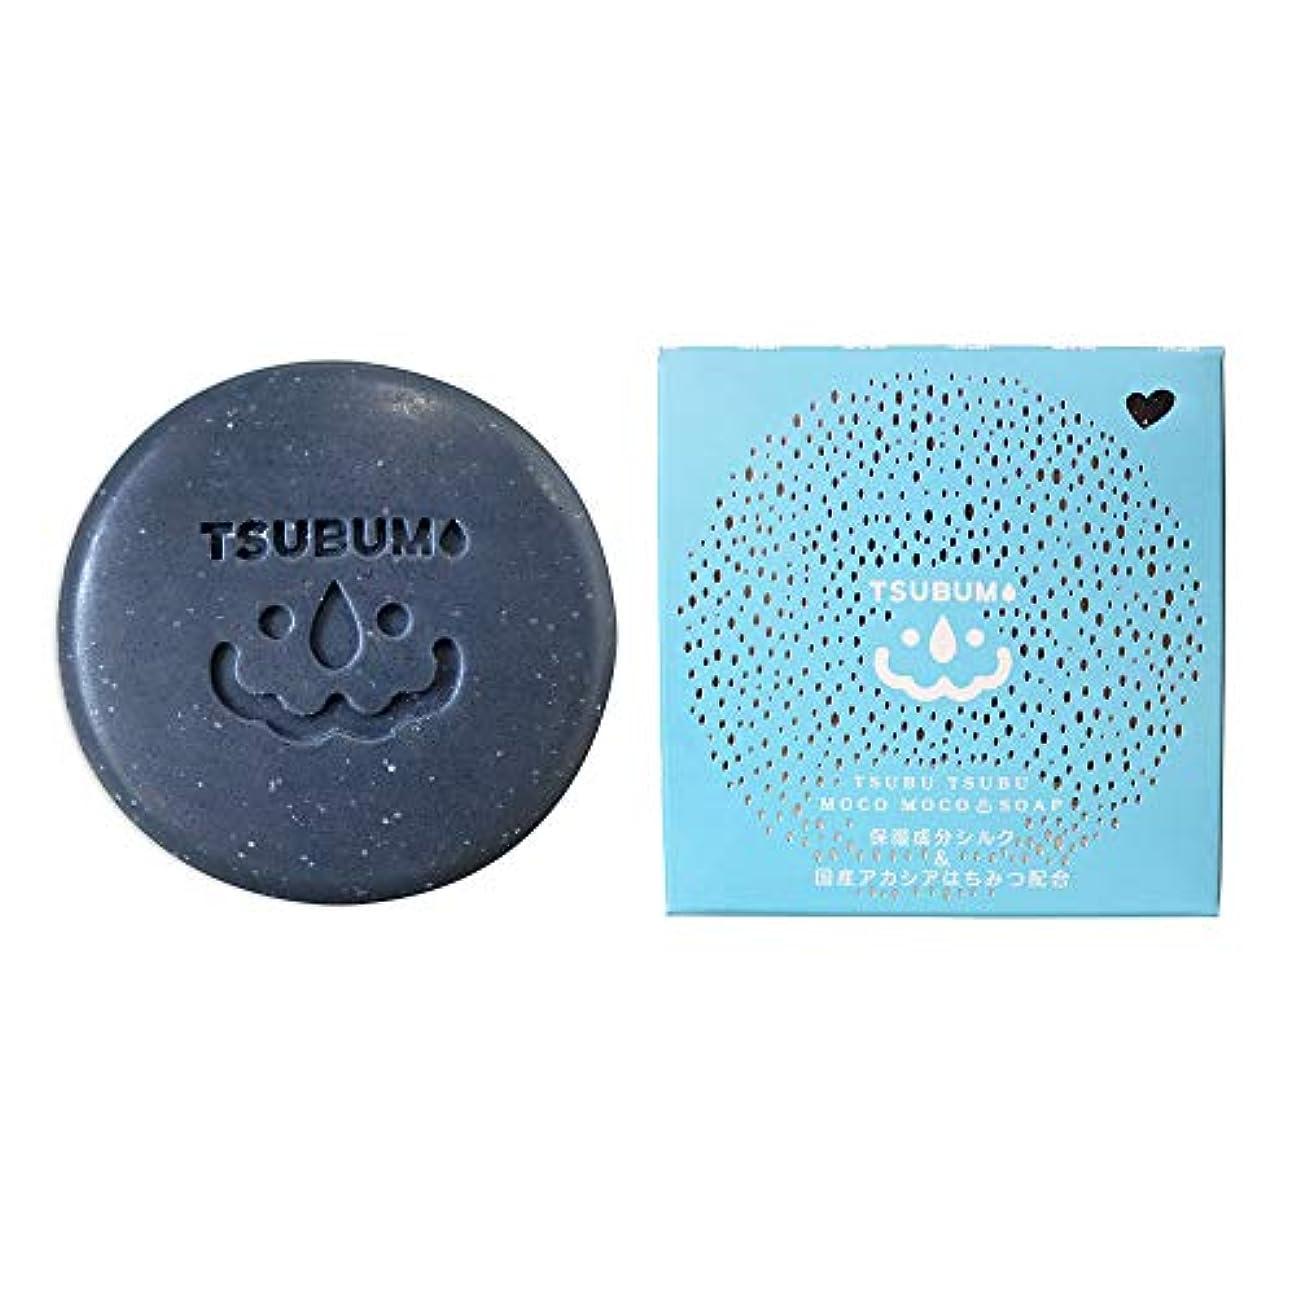 水素ボーダーエンジニア【TSUBUMO(ツブモ)】天然植物由来 プレミアムミネラルソープ 固形 フェイス&ボディ用 90g×1個|アルガンオイル 馬油 ガスール 着色料不使用 低刺激 敏感肌|日本製|ファミリー向け